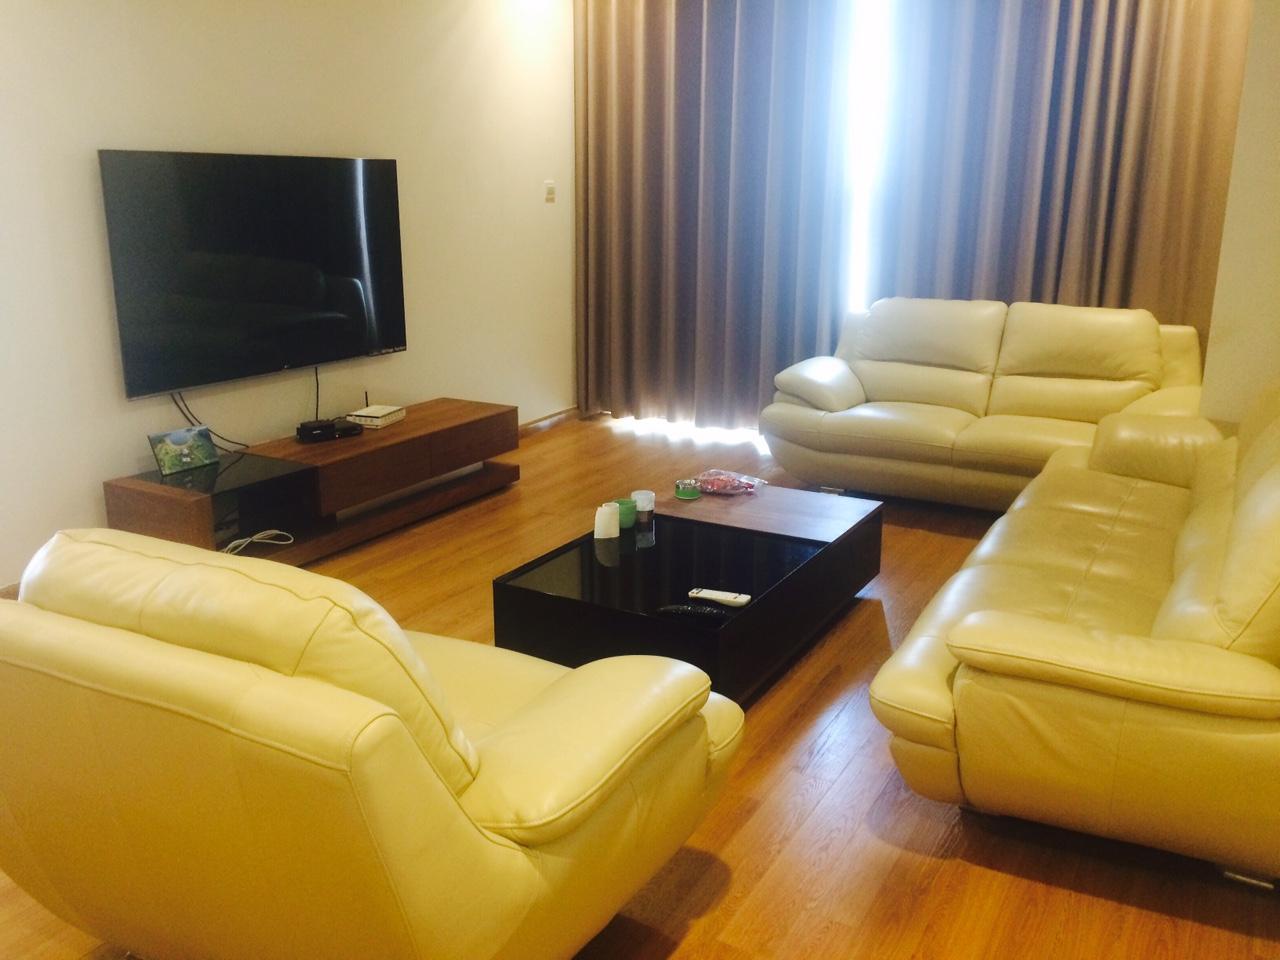 Cho thuê căn hộ R6 Royal City, 3 phòng ngủ sáng